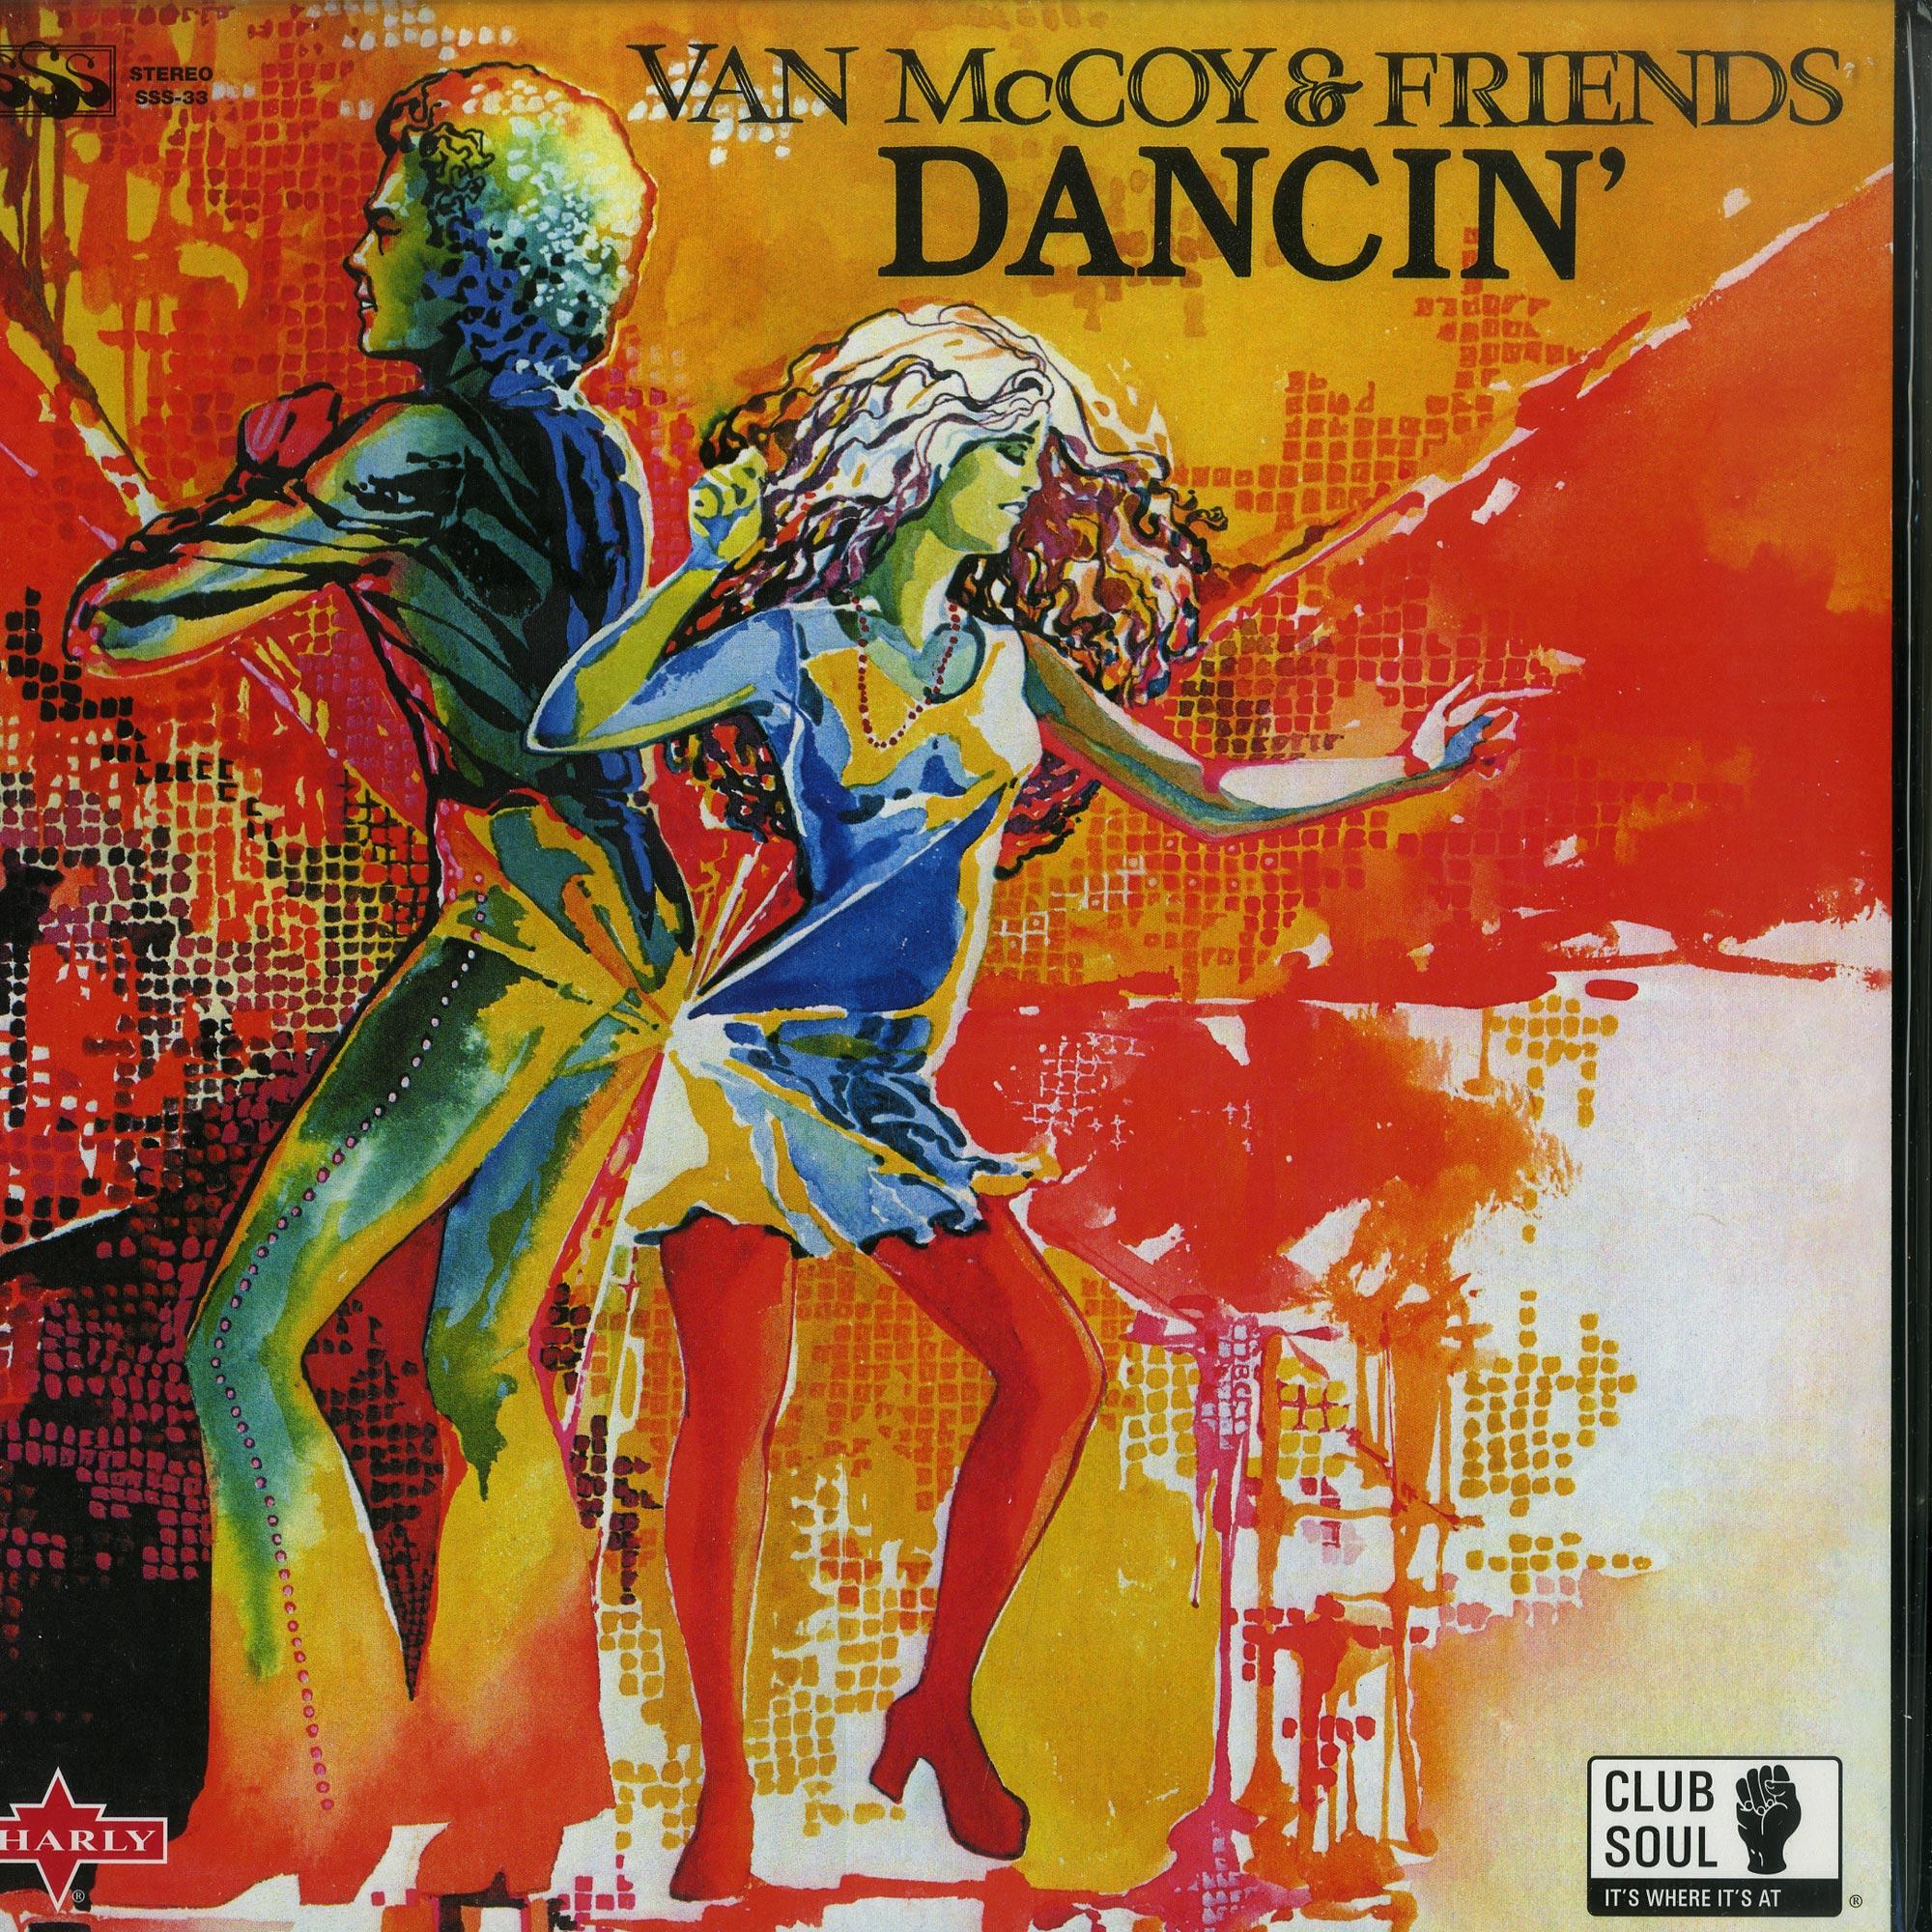 Van McCoy & Friends - DANCIN